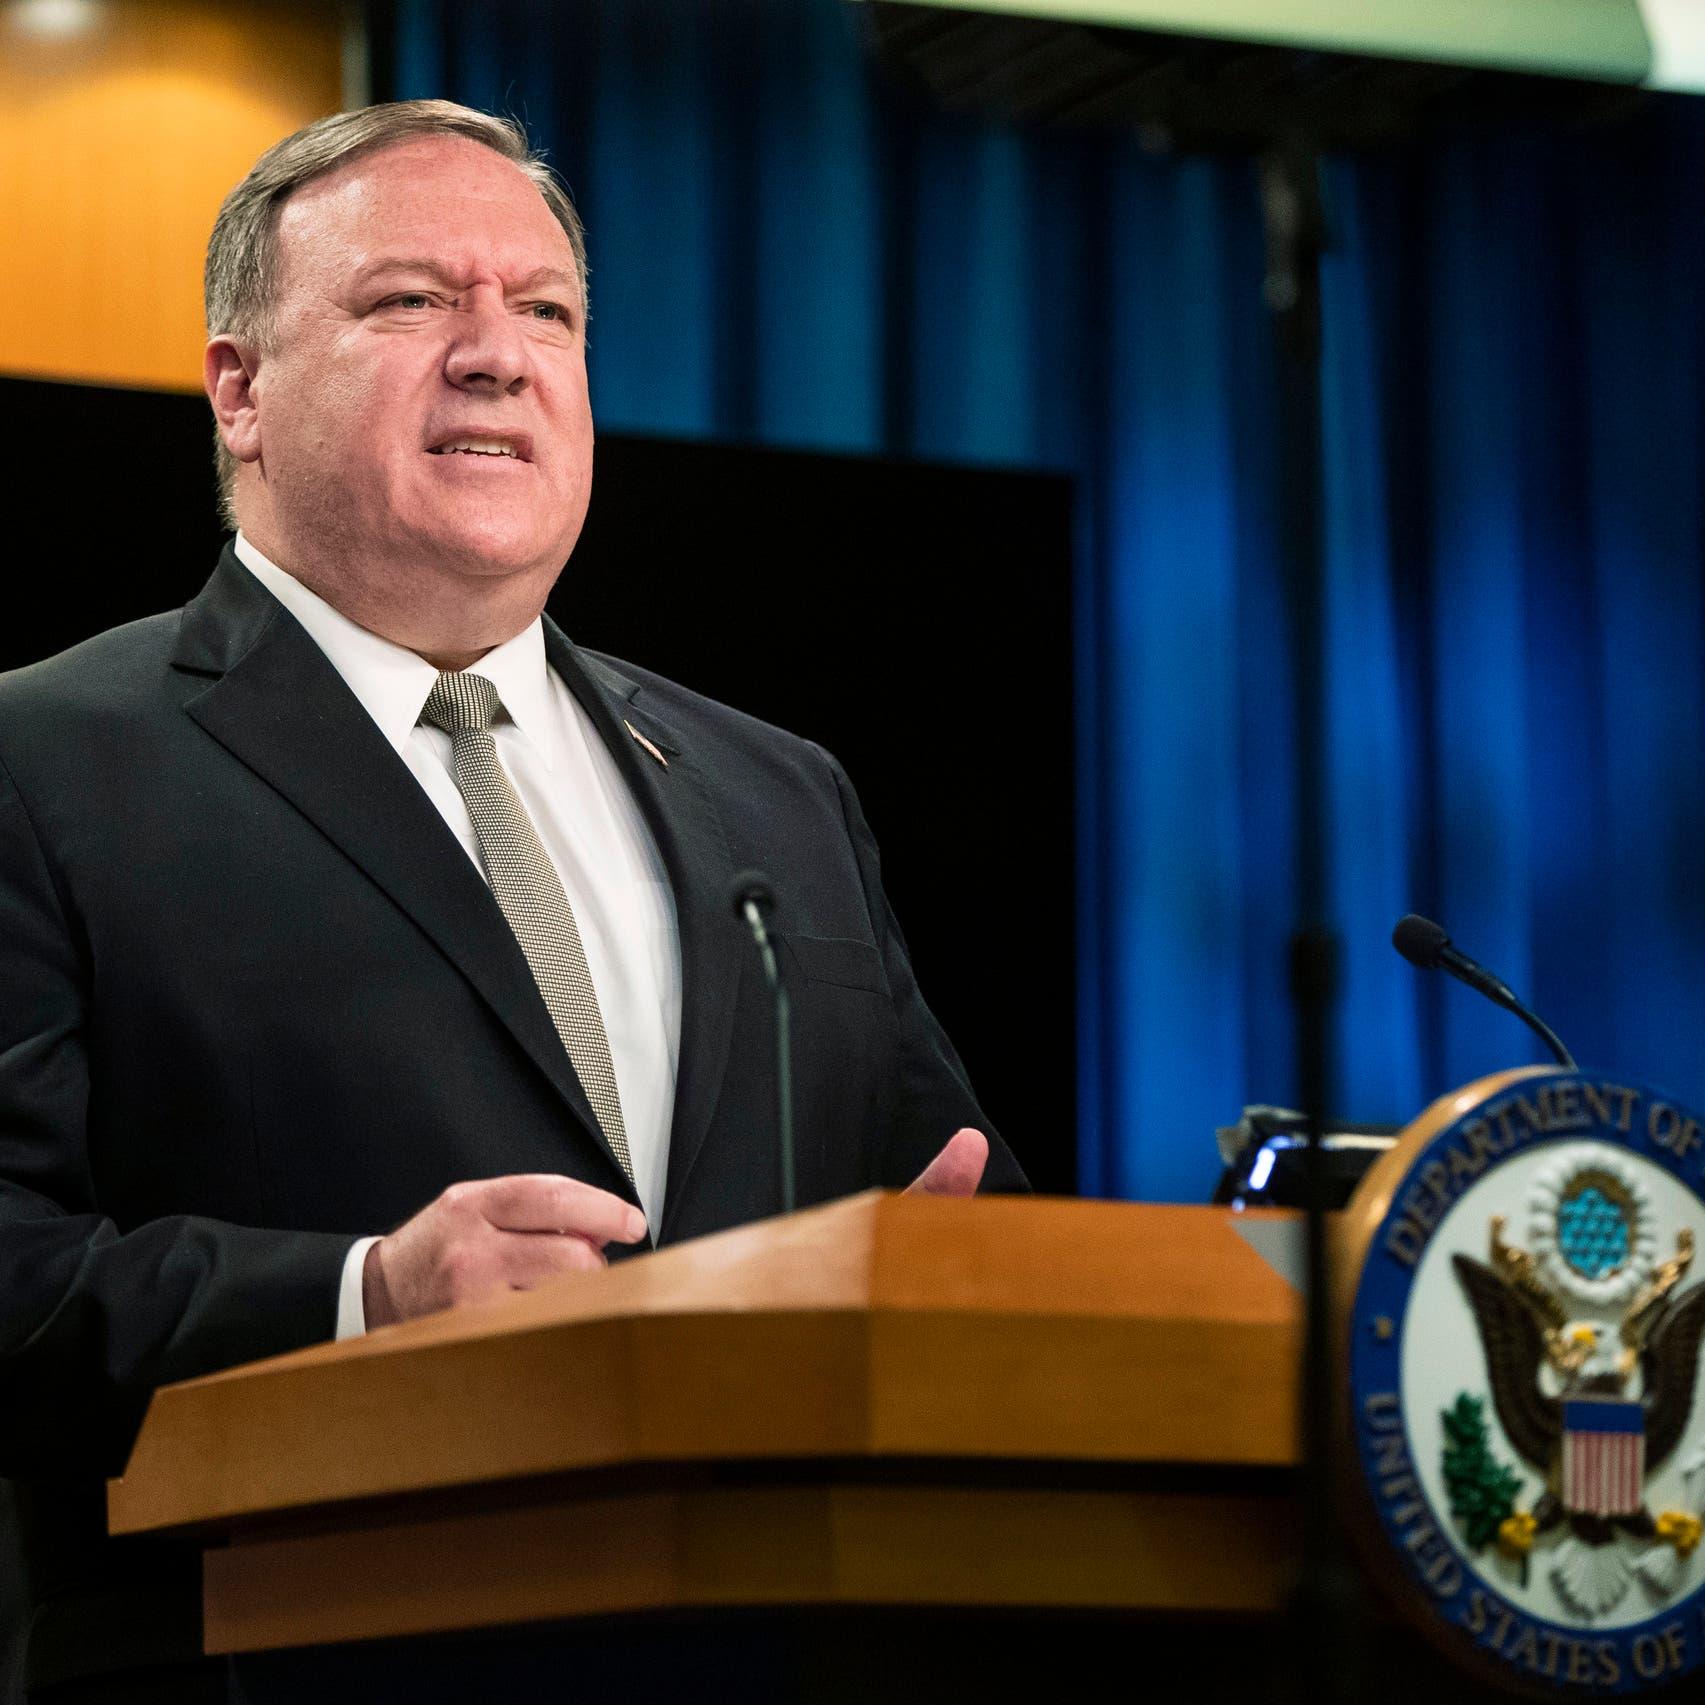 واشنطن: حزب الله منظمة إرهابية وأداة طائفية خبيثة لإيران